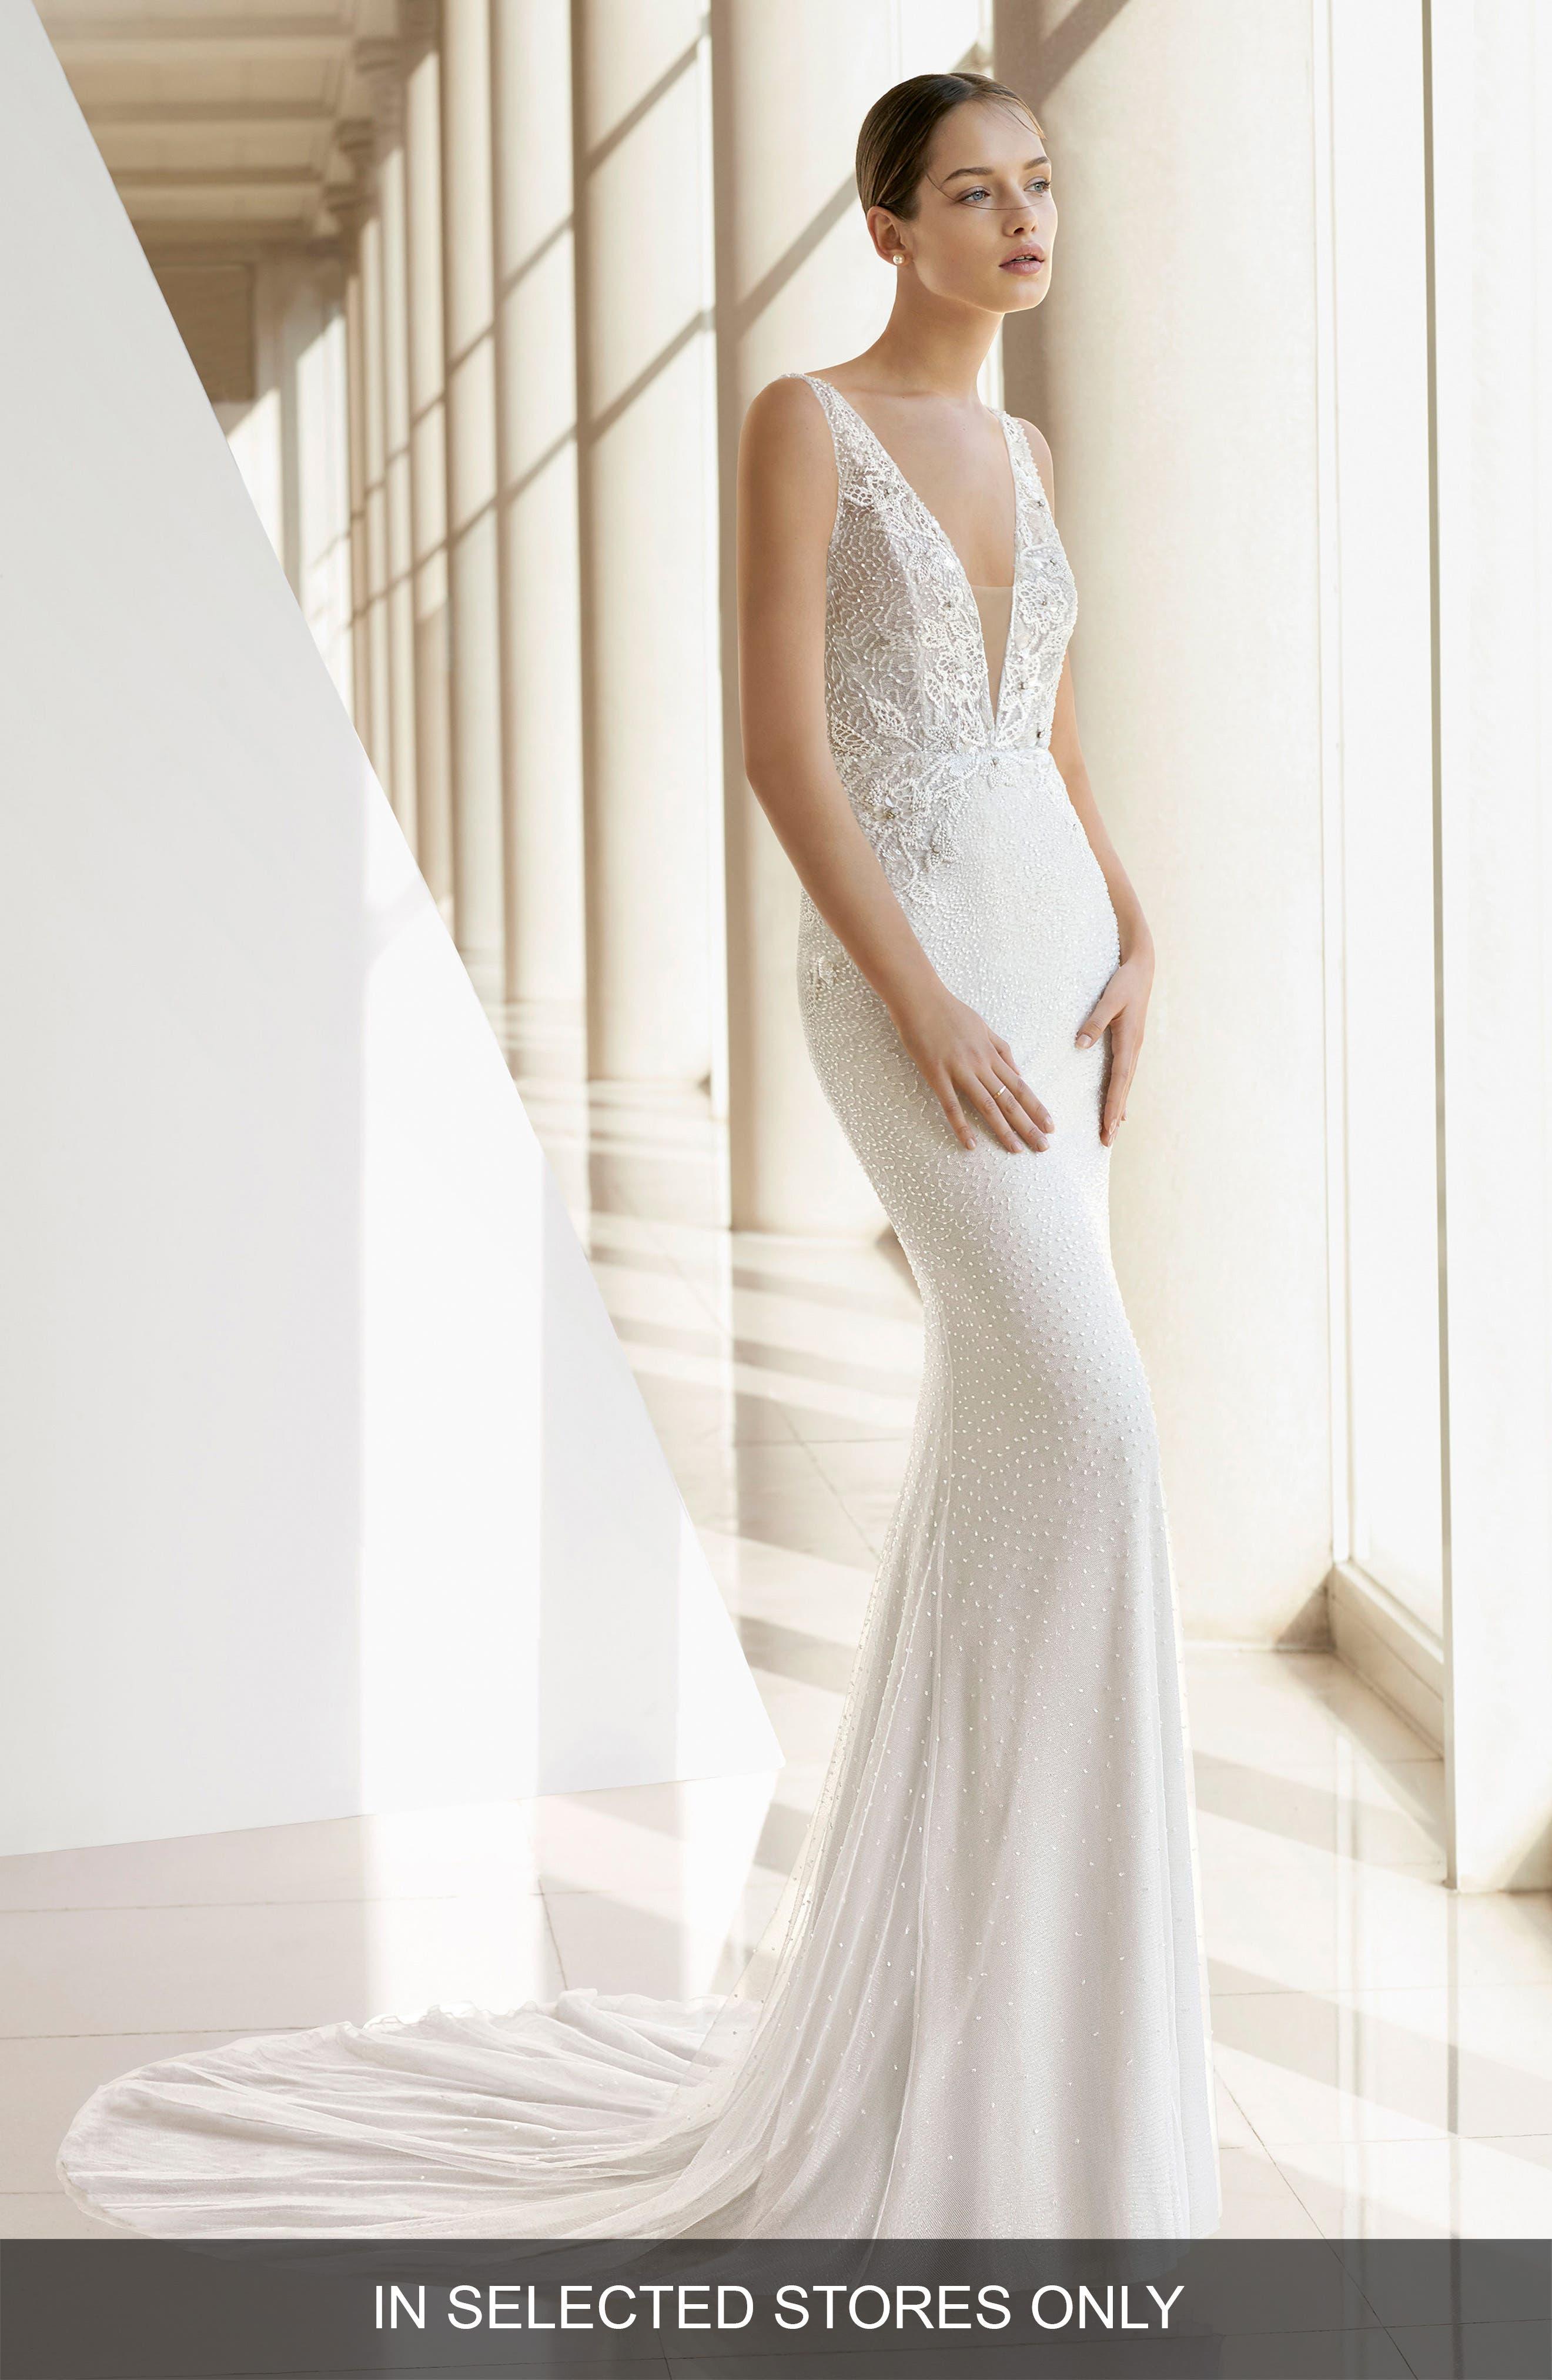 Soft Dresses